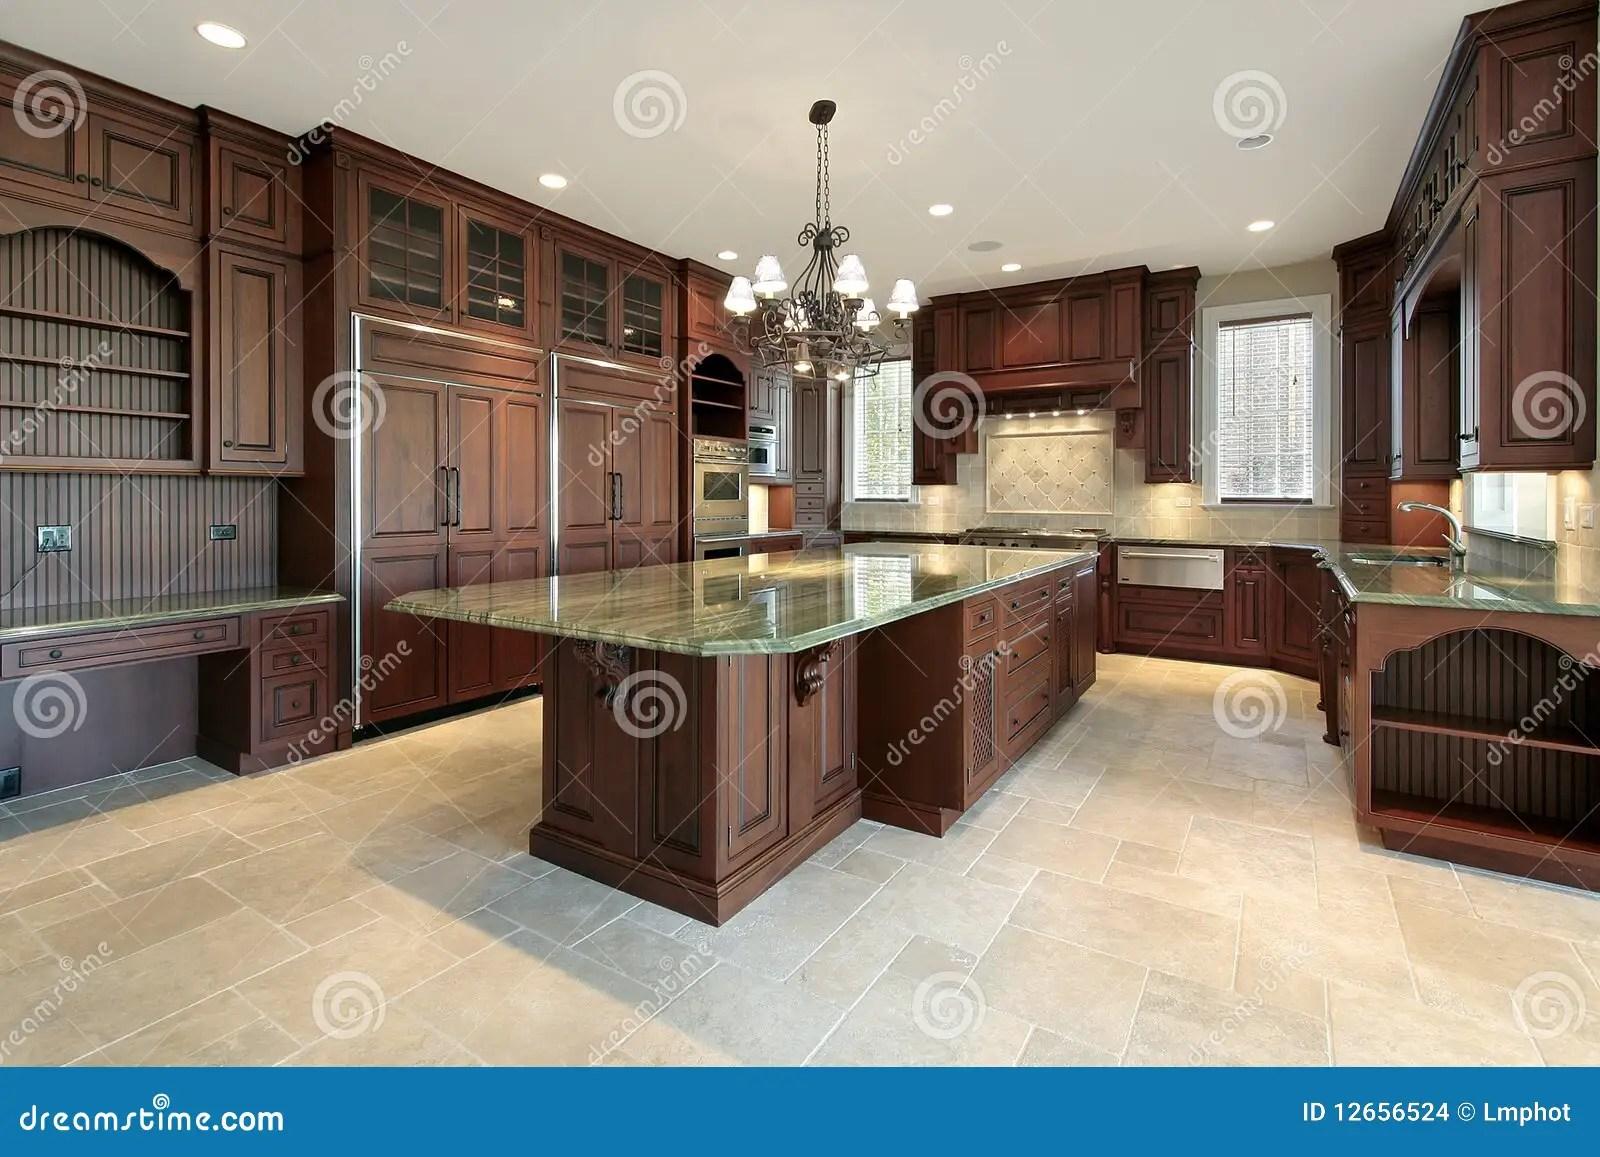 slate kitchen faucet country islands 建筑家庭厨房大新库存照片 图片包括有正餐 花岗岩 不锈 庄园 照明 建筑家庭厨房大新